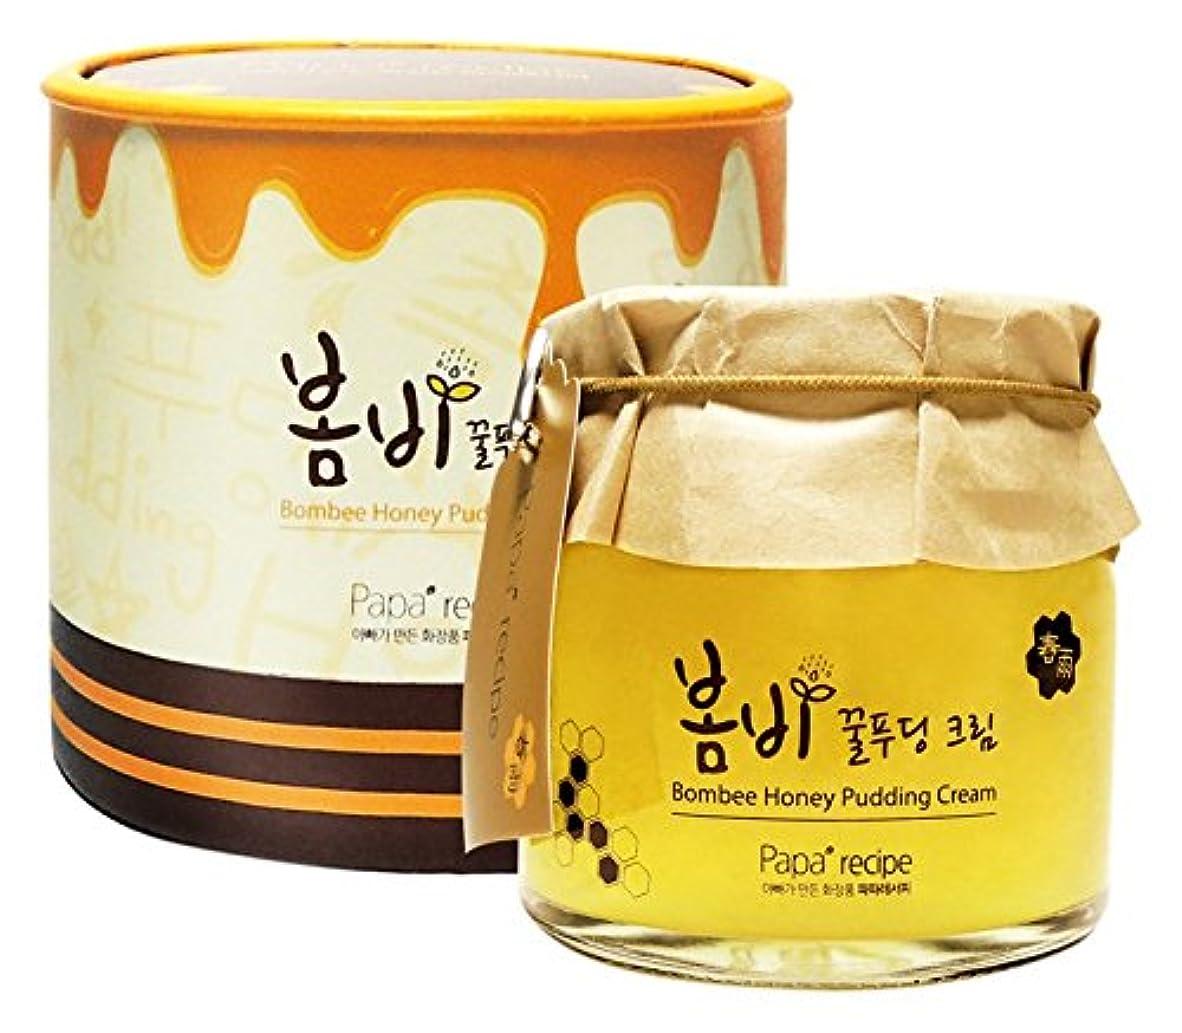 から相談混乱したPapa recipe Bombee Honey Pudding Cream 135ml/パパレシピ ボムビー ハニー プリン クリーム 135ml